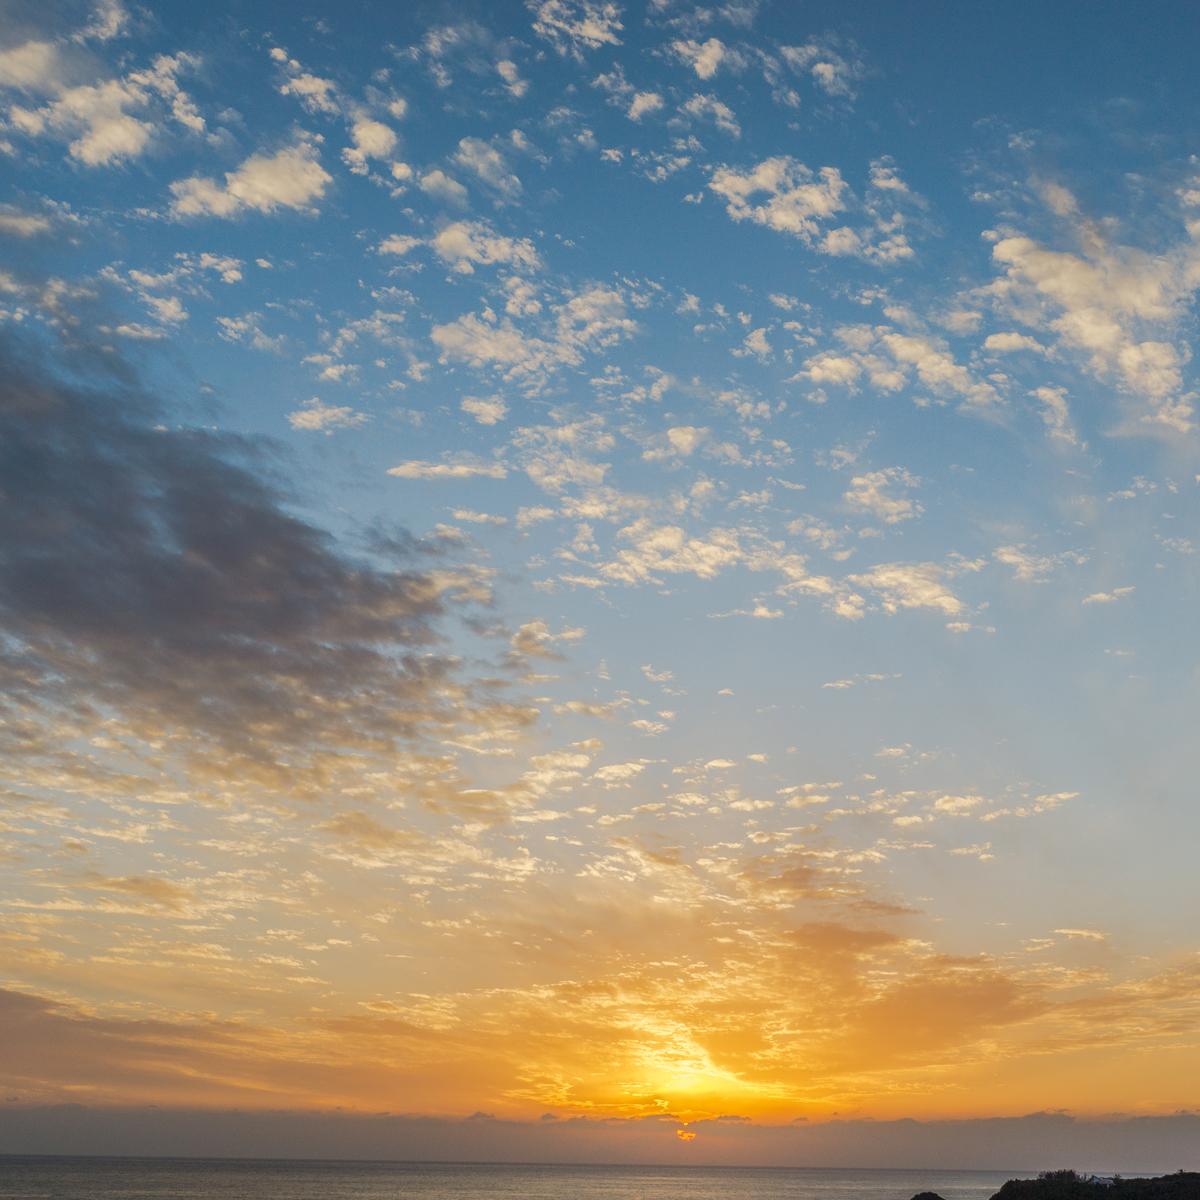 屋久島の空 屋久島日々の暮らしとジュエリー 夕暮れ時 オーダーメイドマリッジリングのインスピレーション